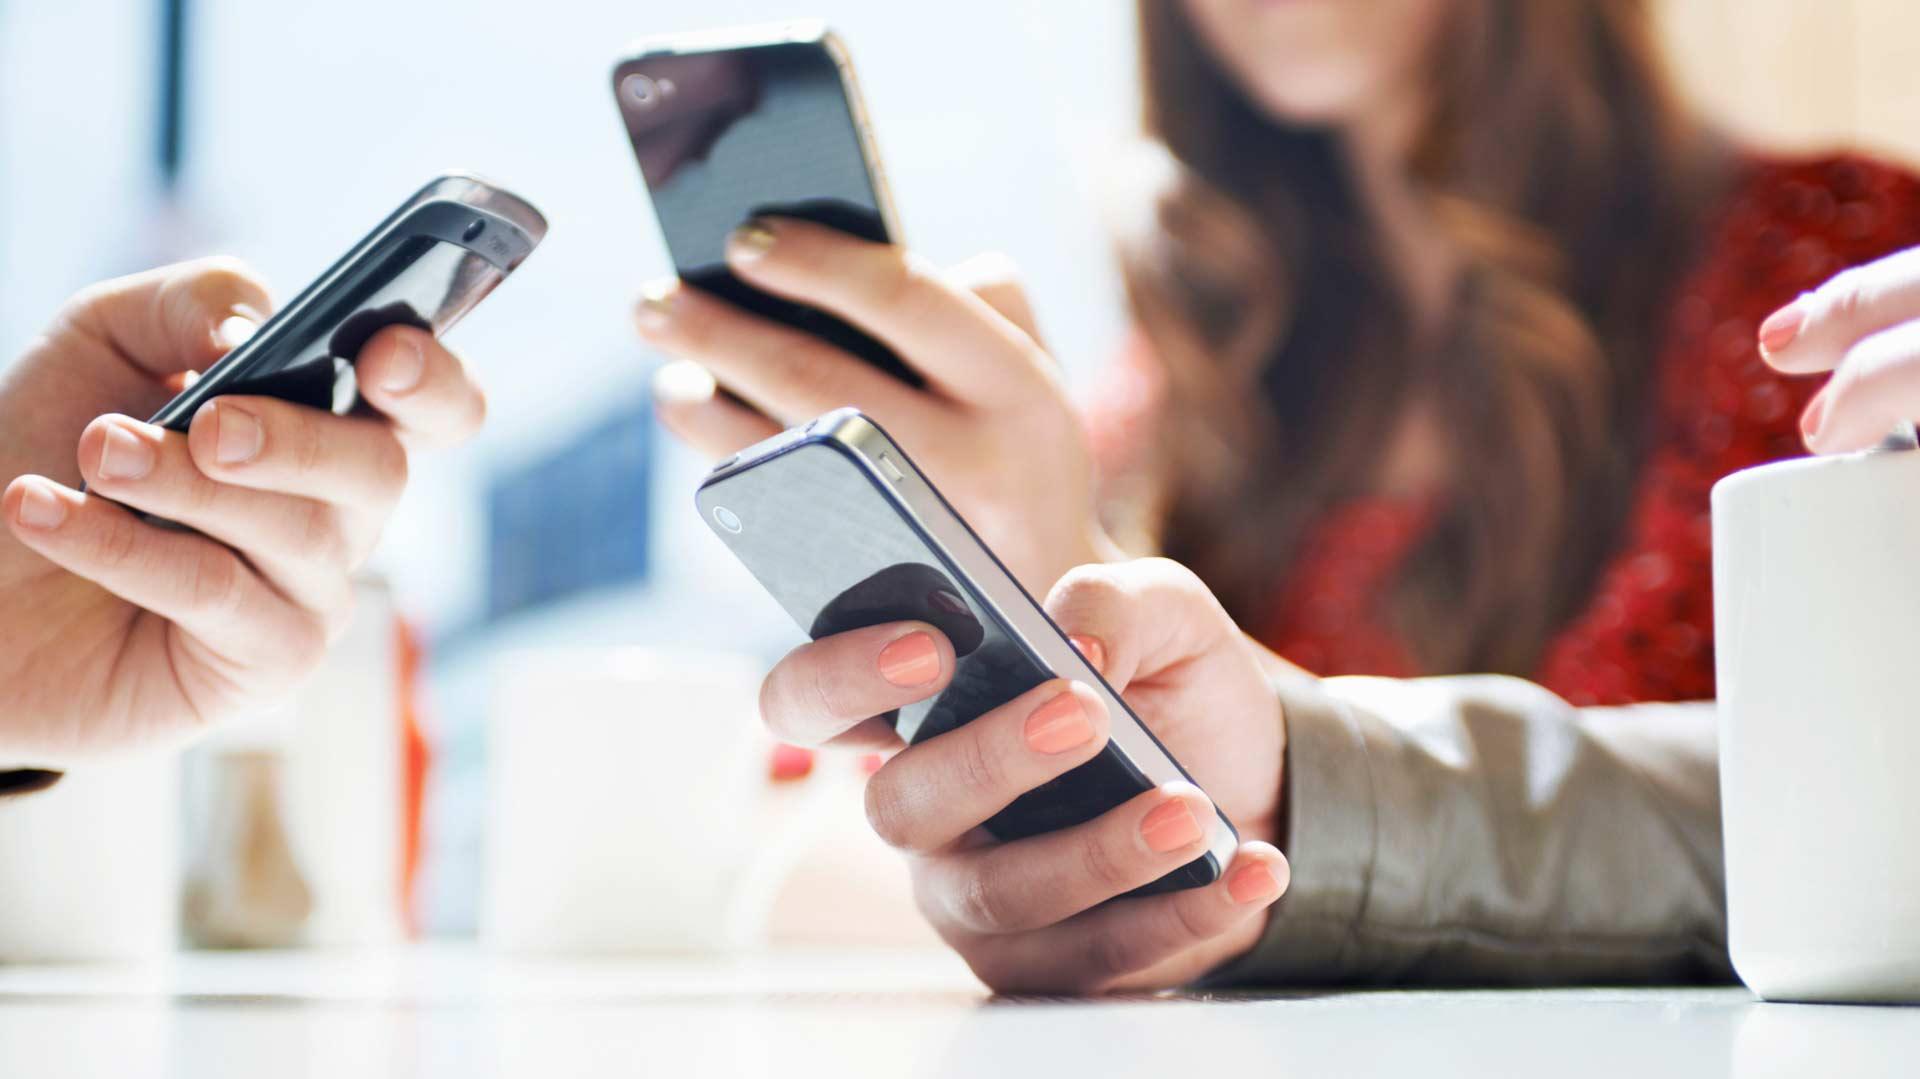 hands-phones